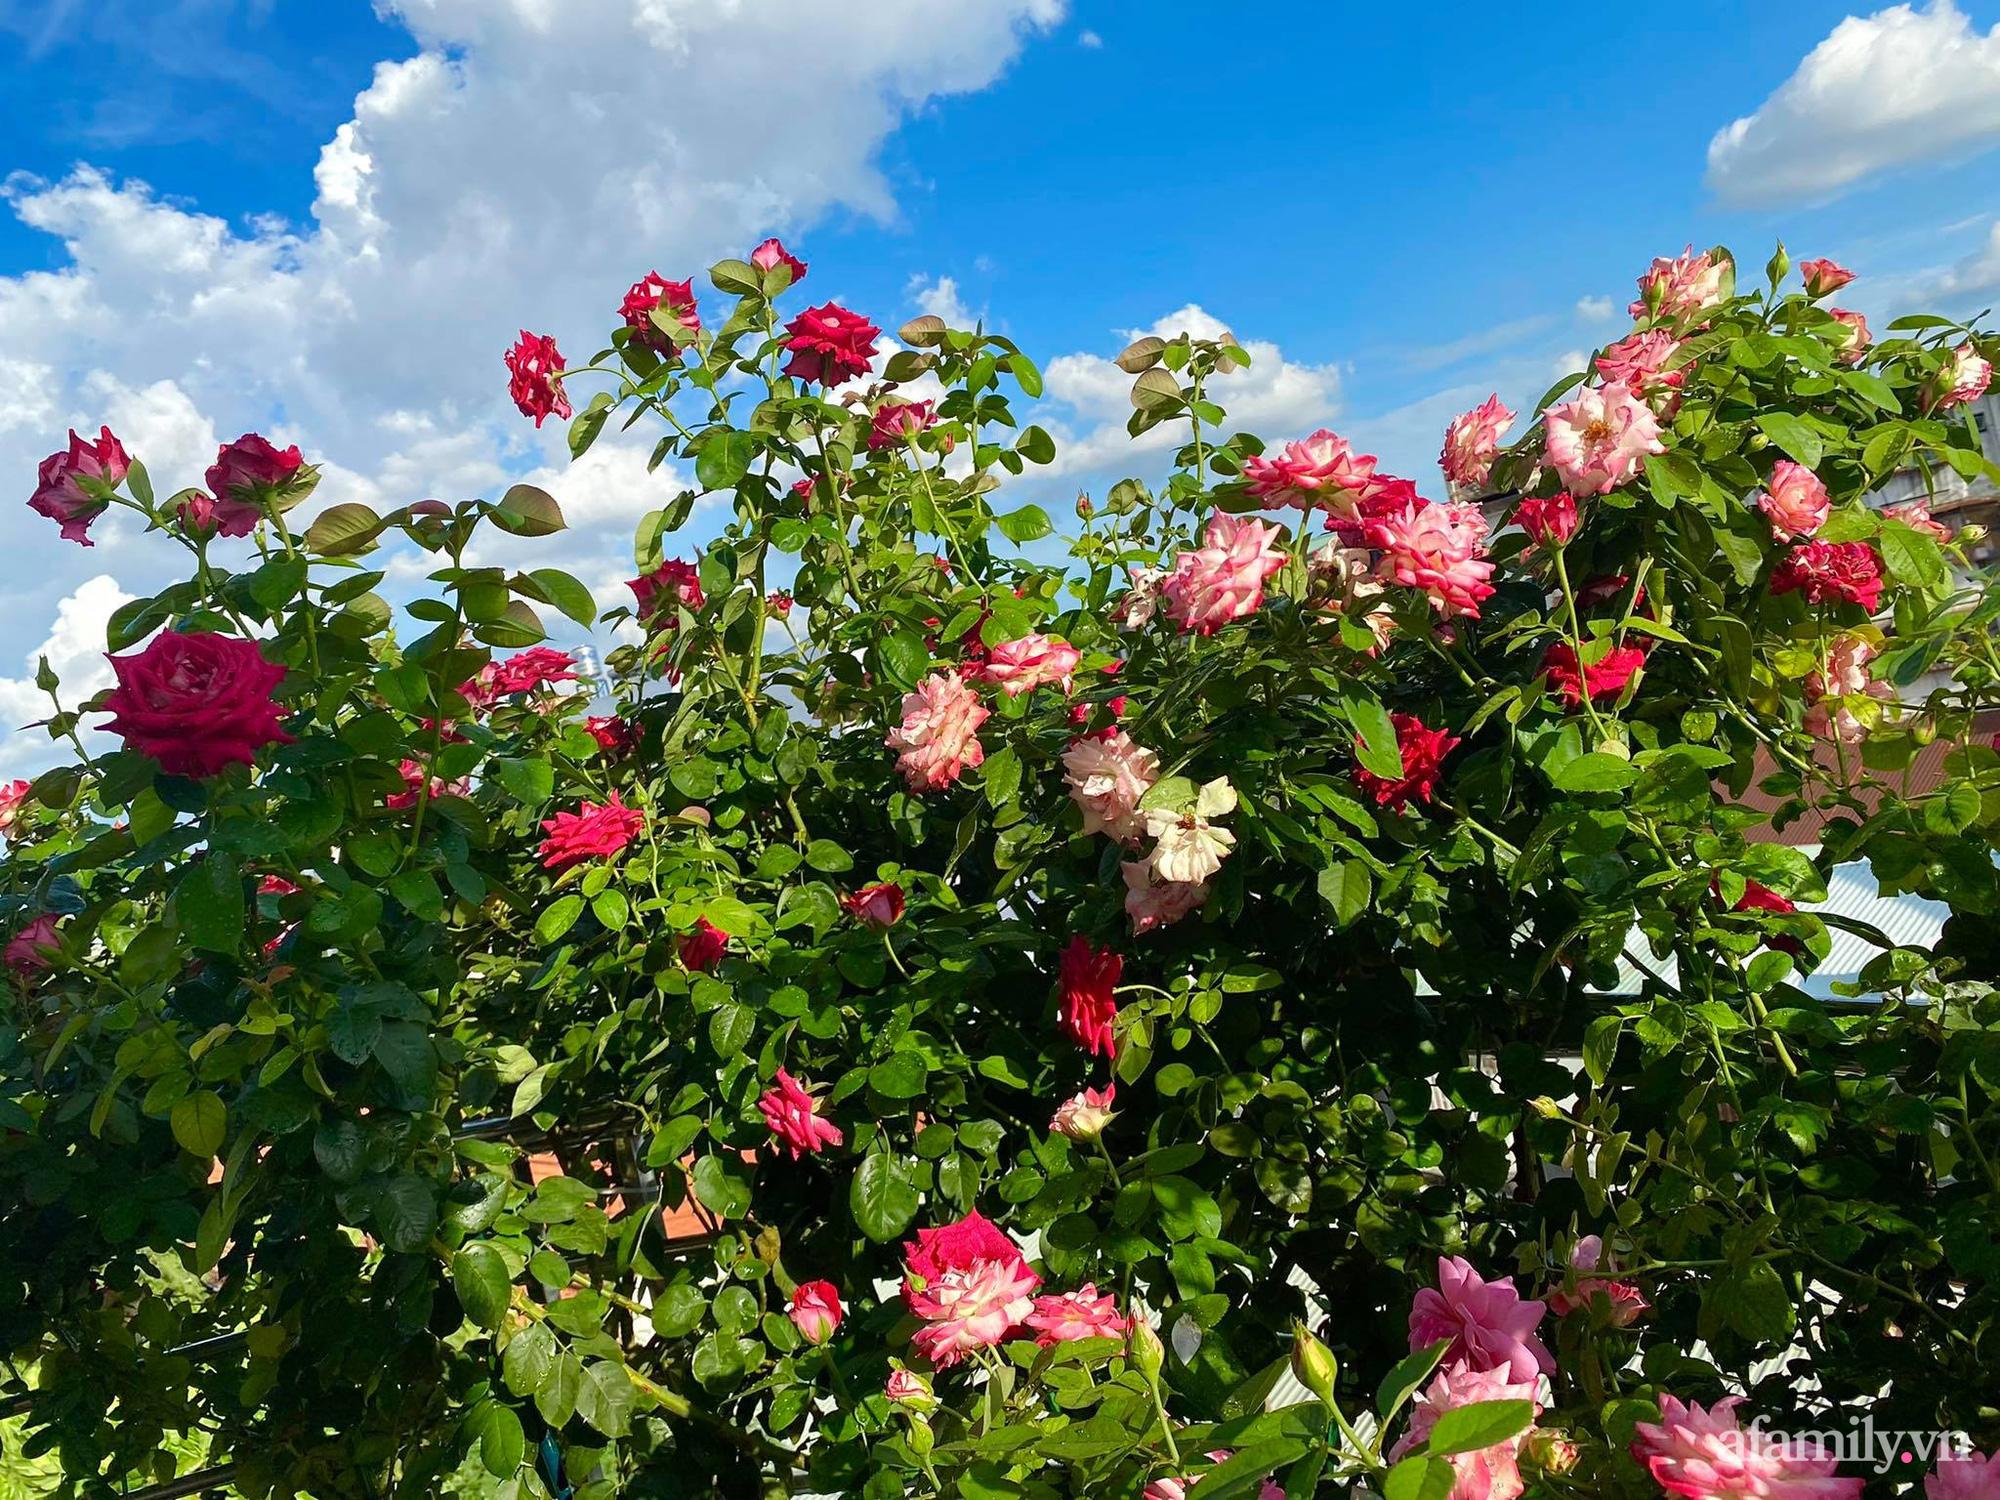 Sân thượng phủ kín hoa hồng và rau quả sạch được chăm chút nhờ bàn tay khéo léo của Hoa hậu Janny Thủy Trần - Ảnh 2.